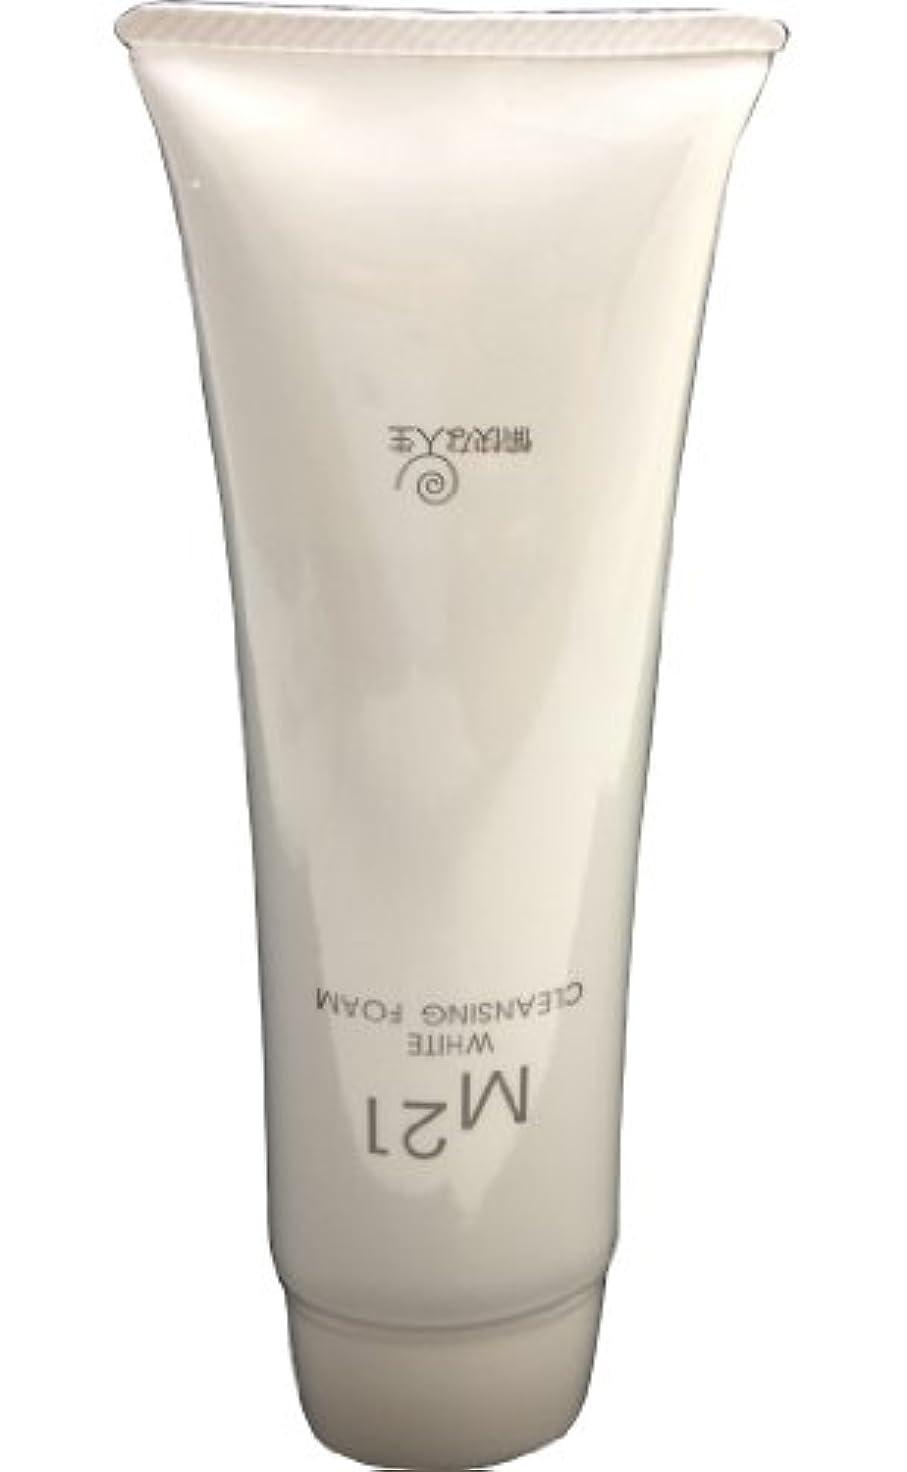 処方する直面する継承M21ホワイトクレンジングフォーム 自然化粧品M21